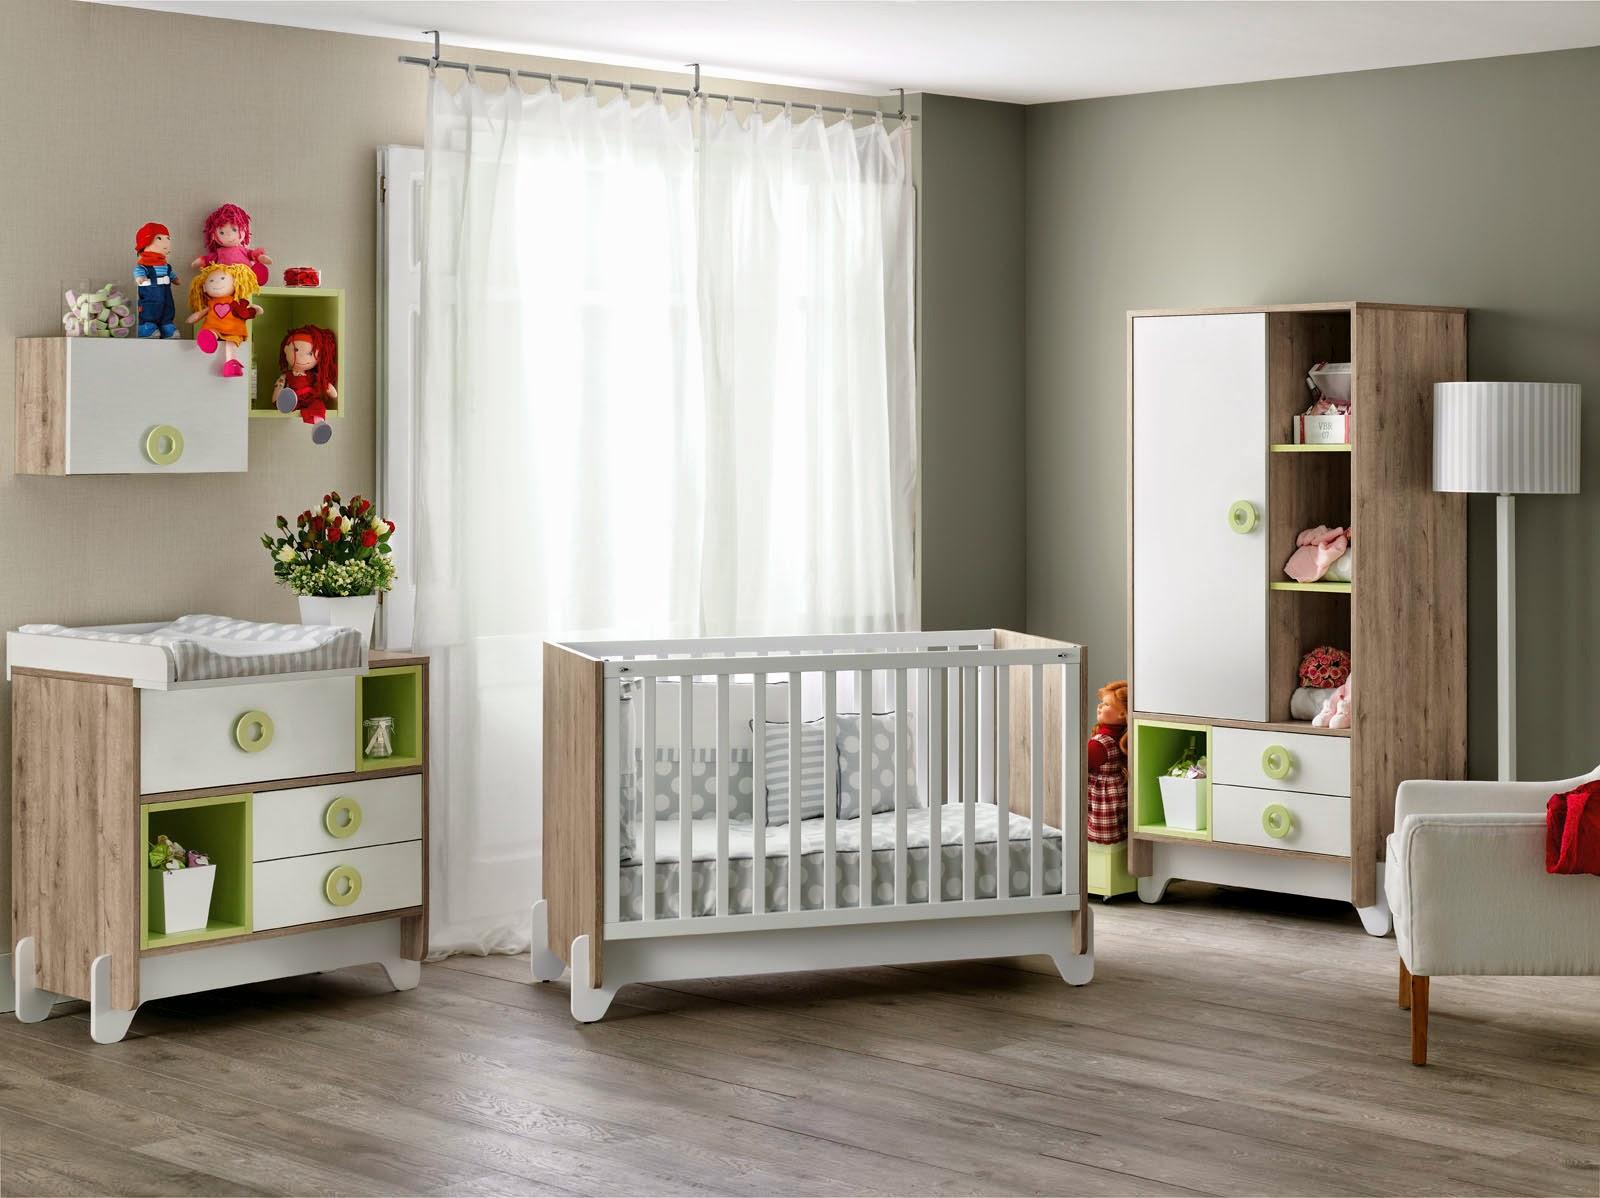 Cuna conexi n habitaci n beb muebles ros - Mobiliario habitacion bebe ...